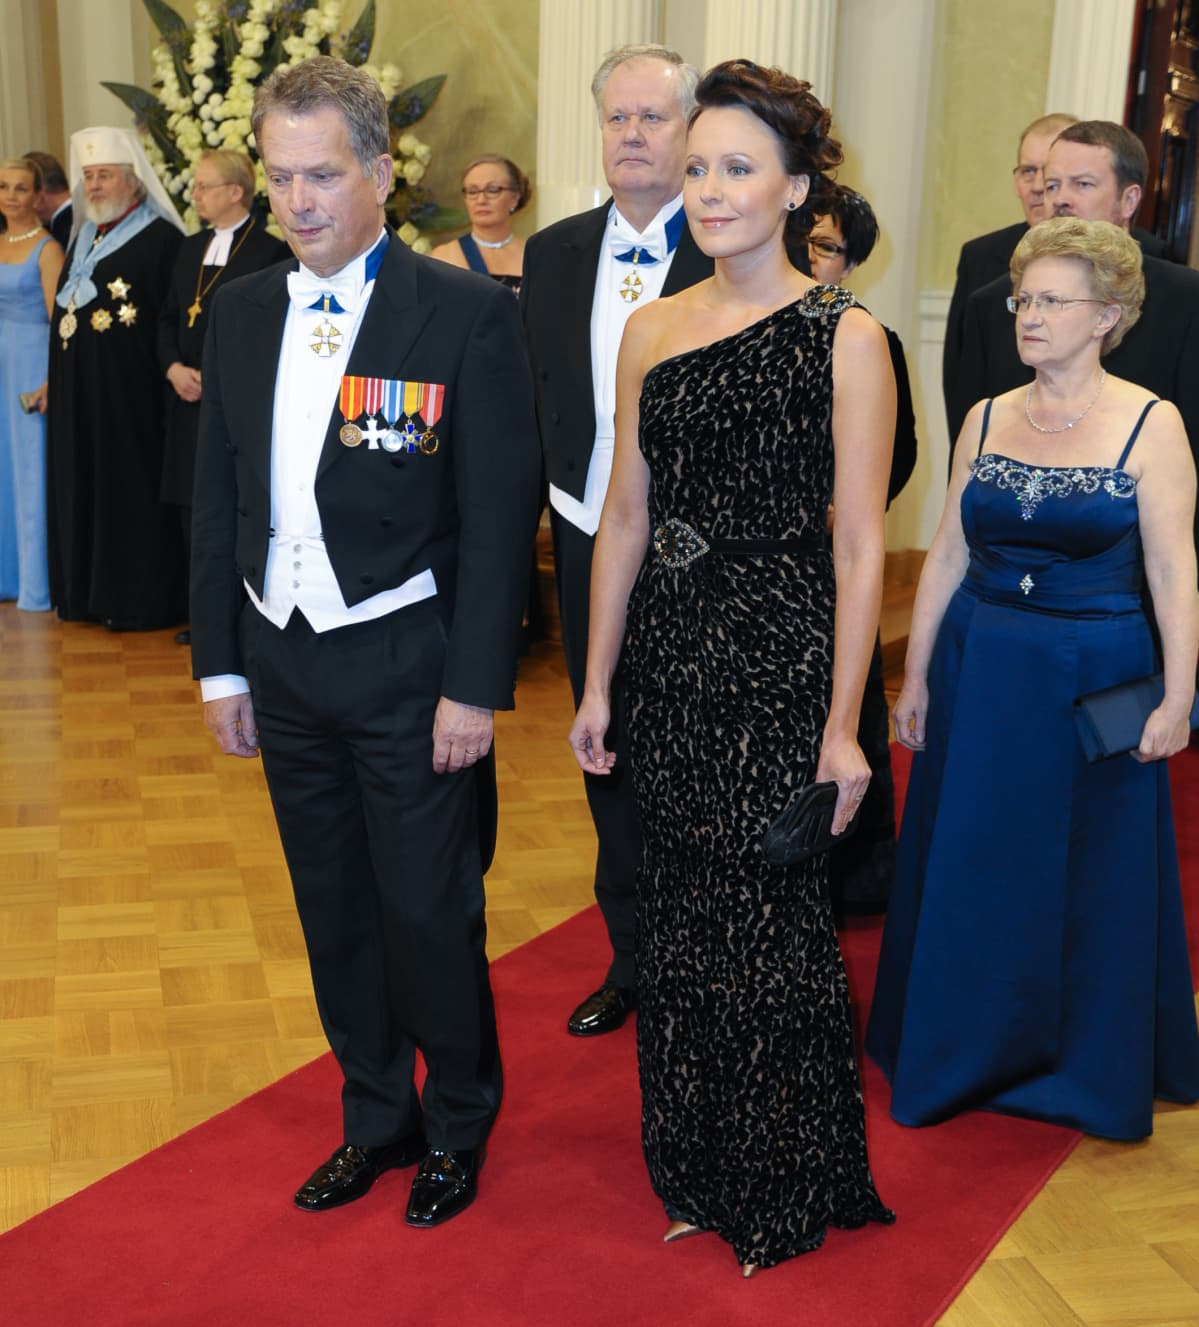 Sauli Niinistö Jenni Haukio, Itsenäisyyspäivän vastaanotto Tasavallan Presidentin Linnassa. vuonna 2010.